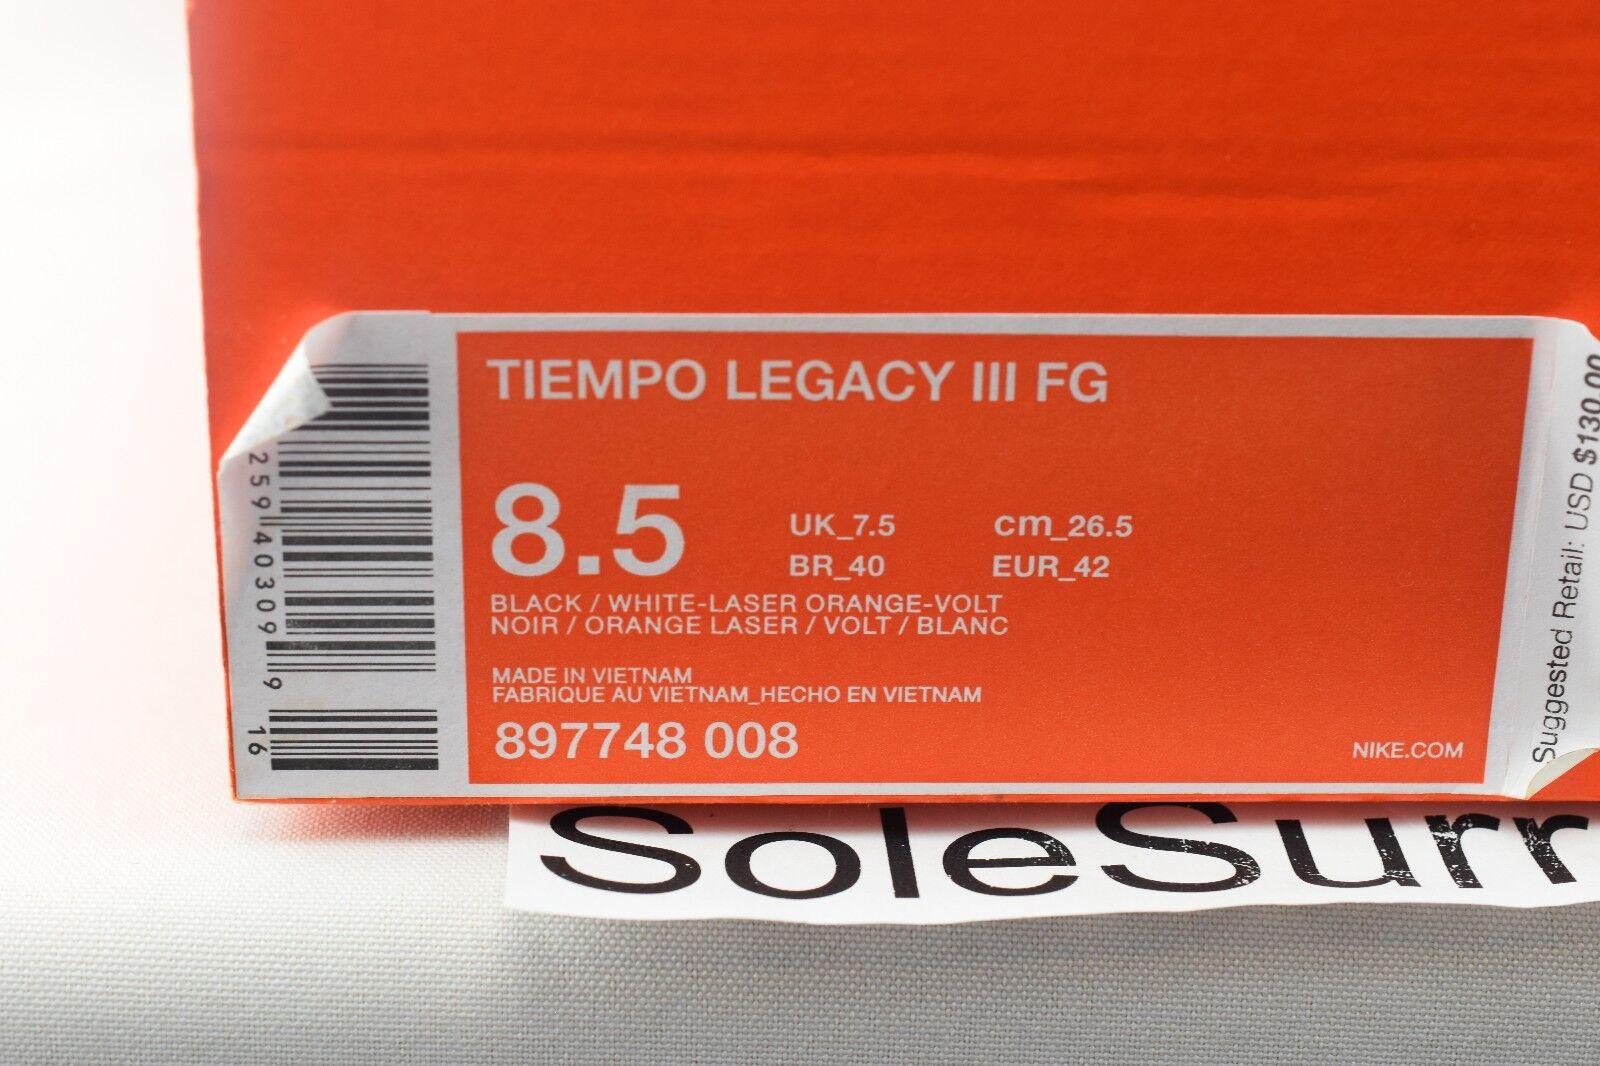 Nike Tiempo Legacy 3 FG 897748008 Black Halfshoes Us8.5  26.5cm for sale  online  a4418f1d9c